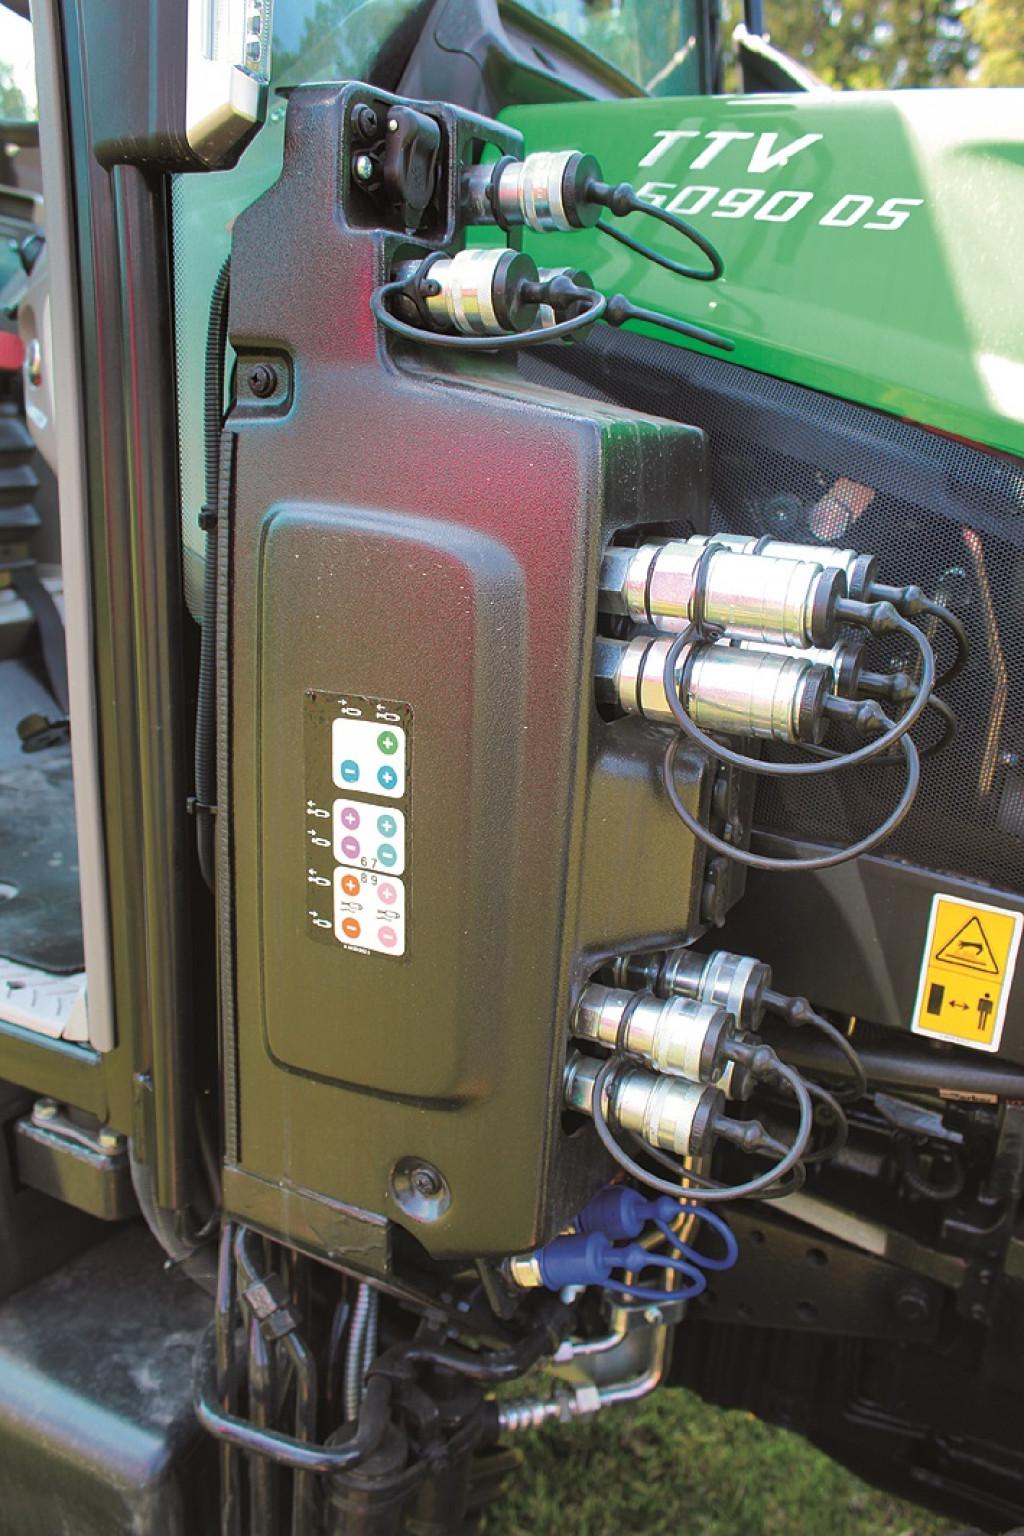 Hidravlični izhodi so tudi na sprednjem delu traktorja, ki nam koristijo pri delu s priključki nameščenimi spredaj.